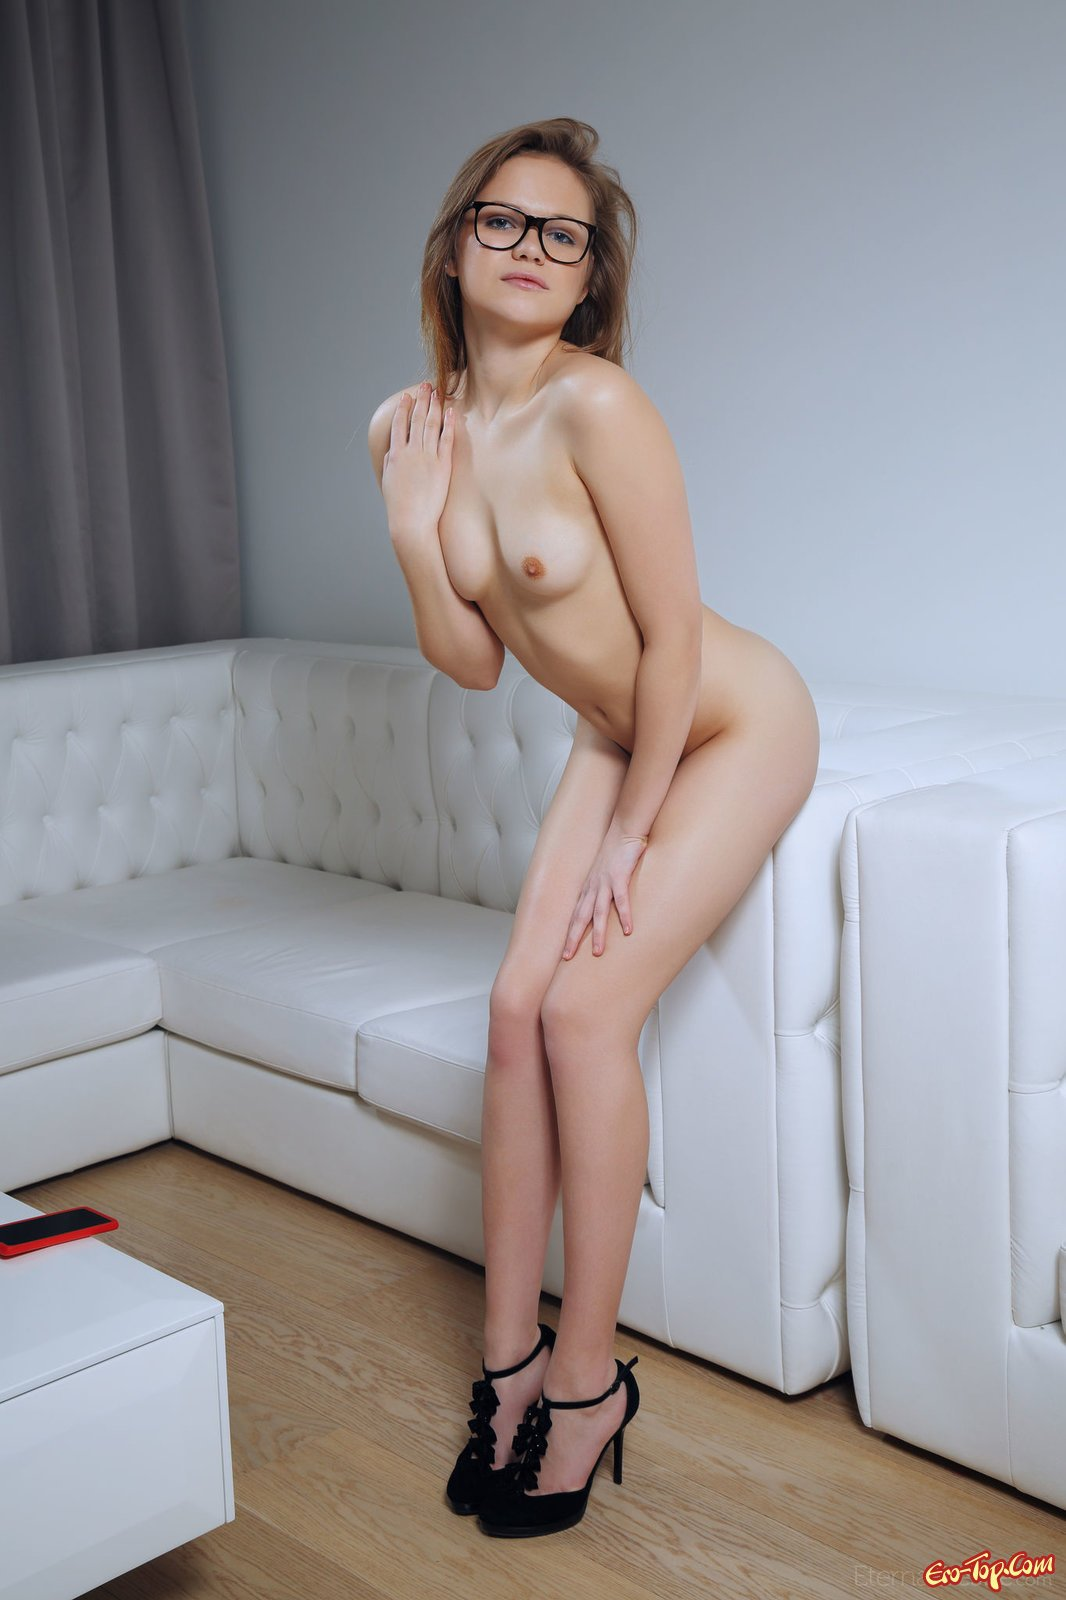 Молодая девушка в очках позирует голой на диване